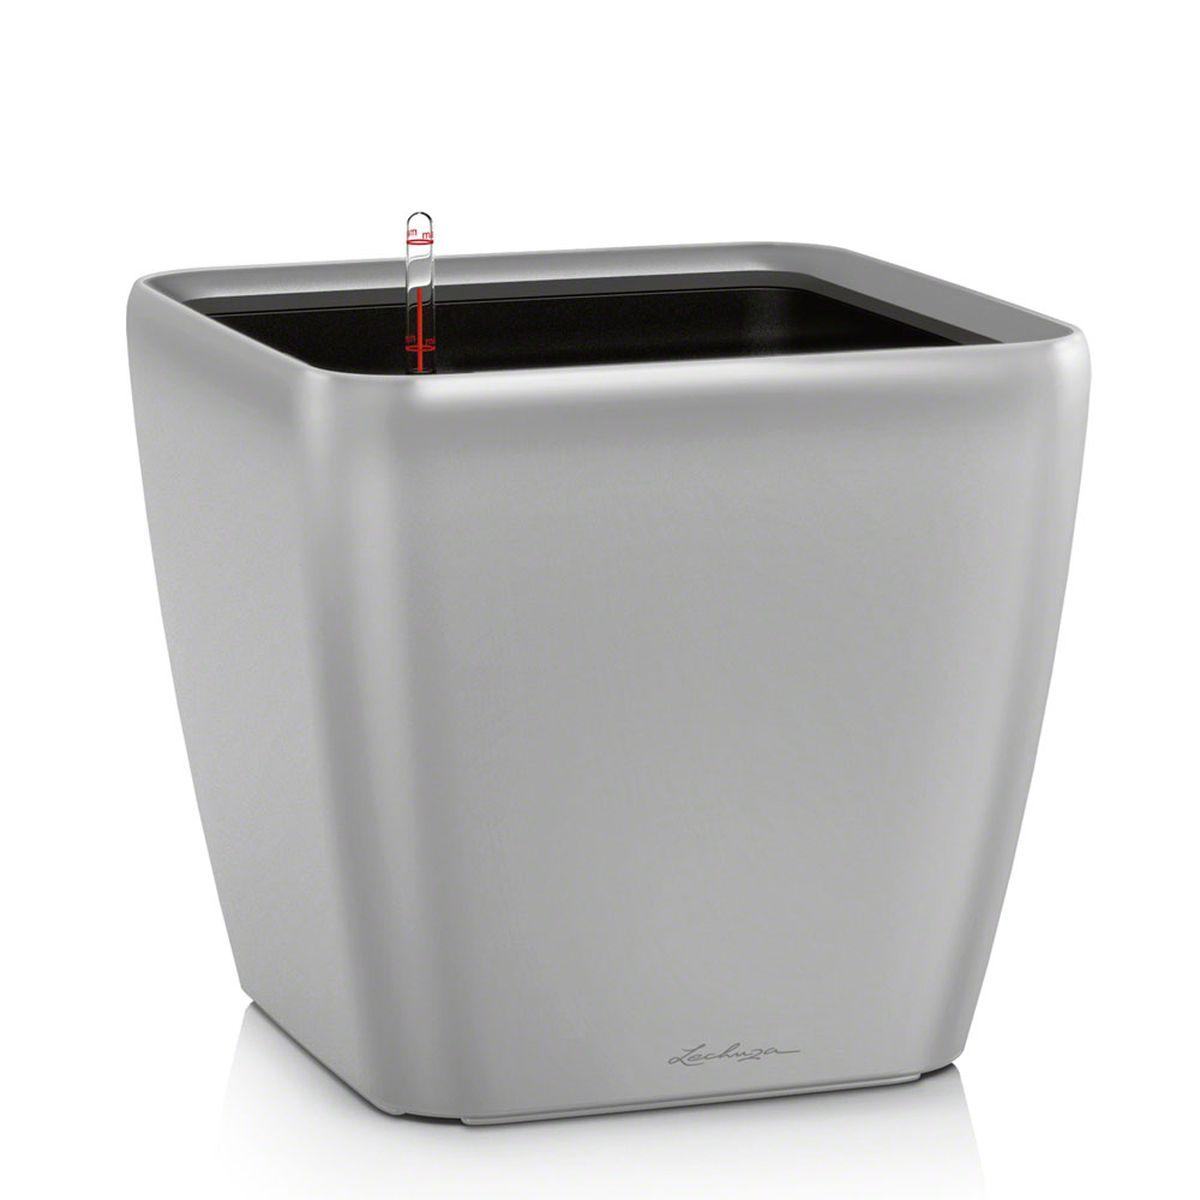 Кашпо Lechuza Quadro, с системой автополива, цвет: серебристый, 28 х 28 х 26 см16148Кашпо Lechuza Quadro, выполненное из высококачественного пластика, имеет уникальную систему автополива, благодаря которой корневая система растения непрерывно снабжается влагой из резервуара. Уровень воды в резервуаре контролируется с помощью специального индикатора. В зависимости от размера кашпо и растения воды хватает на 2-12 недель. Это способствует хорошему росту цветов и предотвращает переувлажнение.В набор входит: кашпо, внутренний горшок с выдвижной эргономичной ручкой, индикатор уровня воды, вал подачи воды, субстрат растений в качестве дренажного слоя, резервуар для воды.Кашпо Lechuza Quadro прекрасно впишется в любой интерьер. Оно поможет расставить нужные акценты, а также придаст помещению вид, соответствующий вашим представлениям.